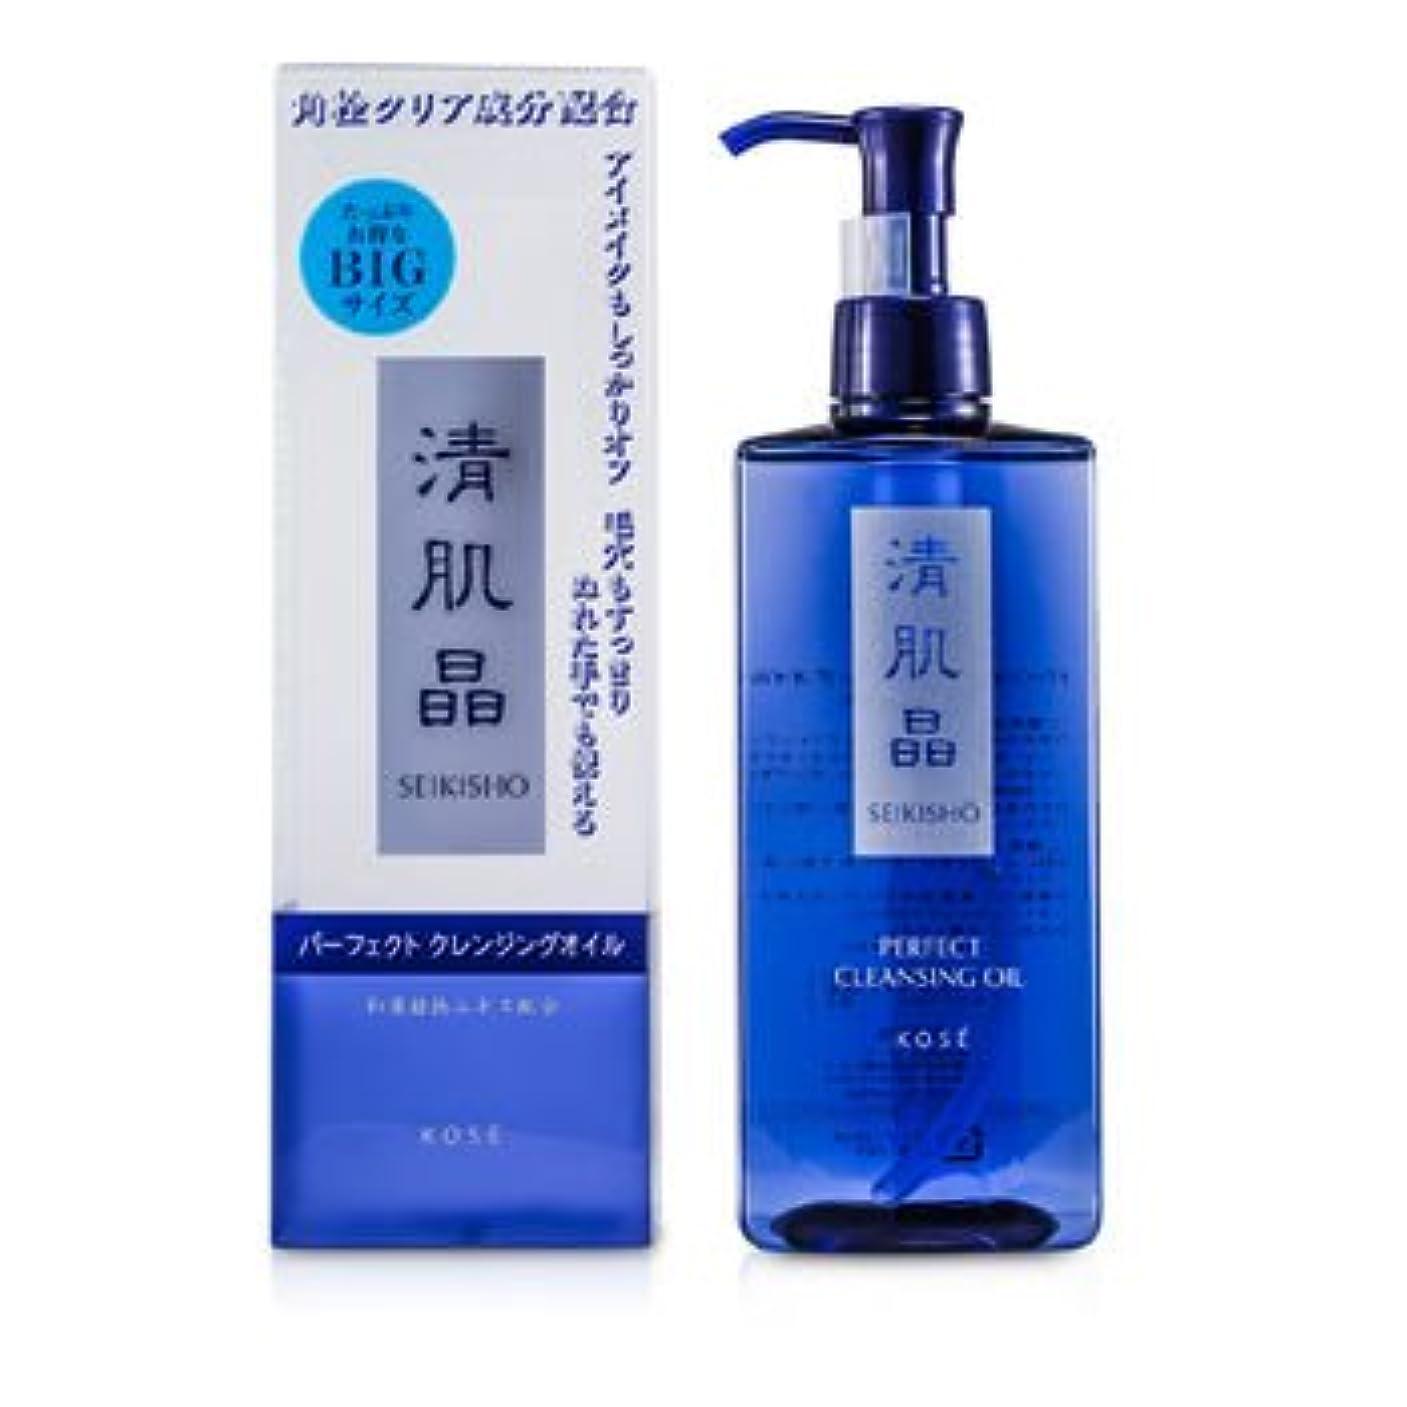 柔らかい足時計回りレイアウトコーセー Seikisho Perfect Cleansing Oil 330ml/11oz並行輸入品